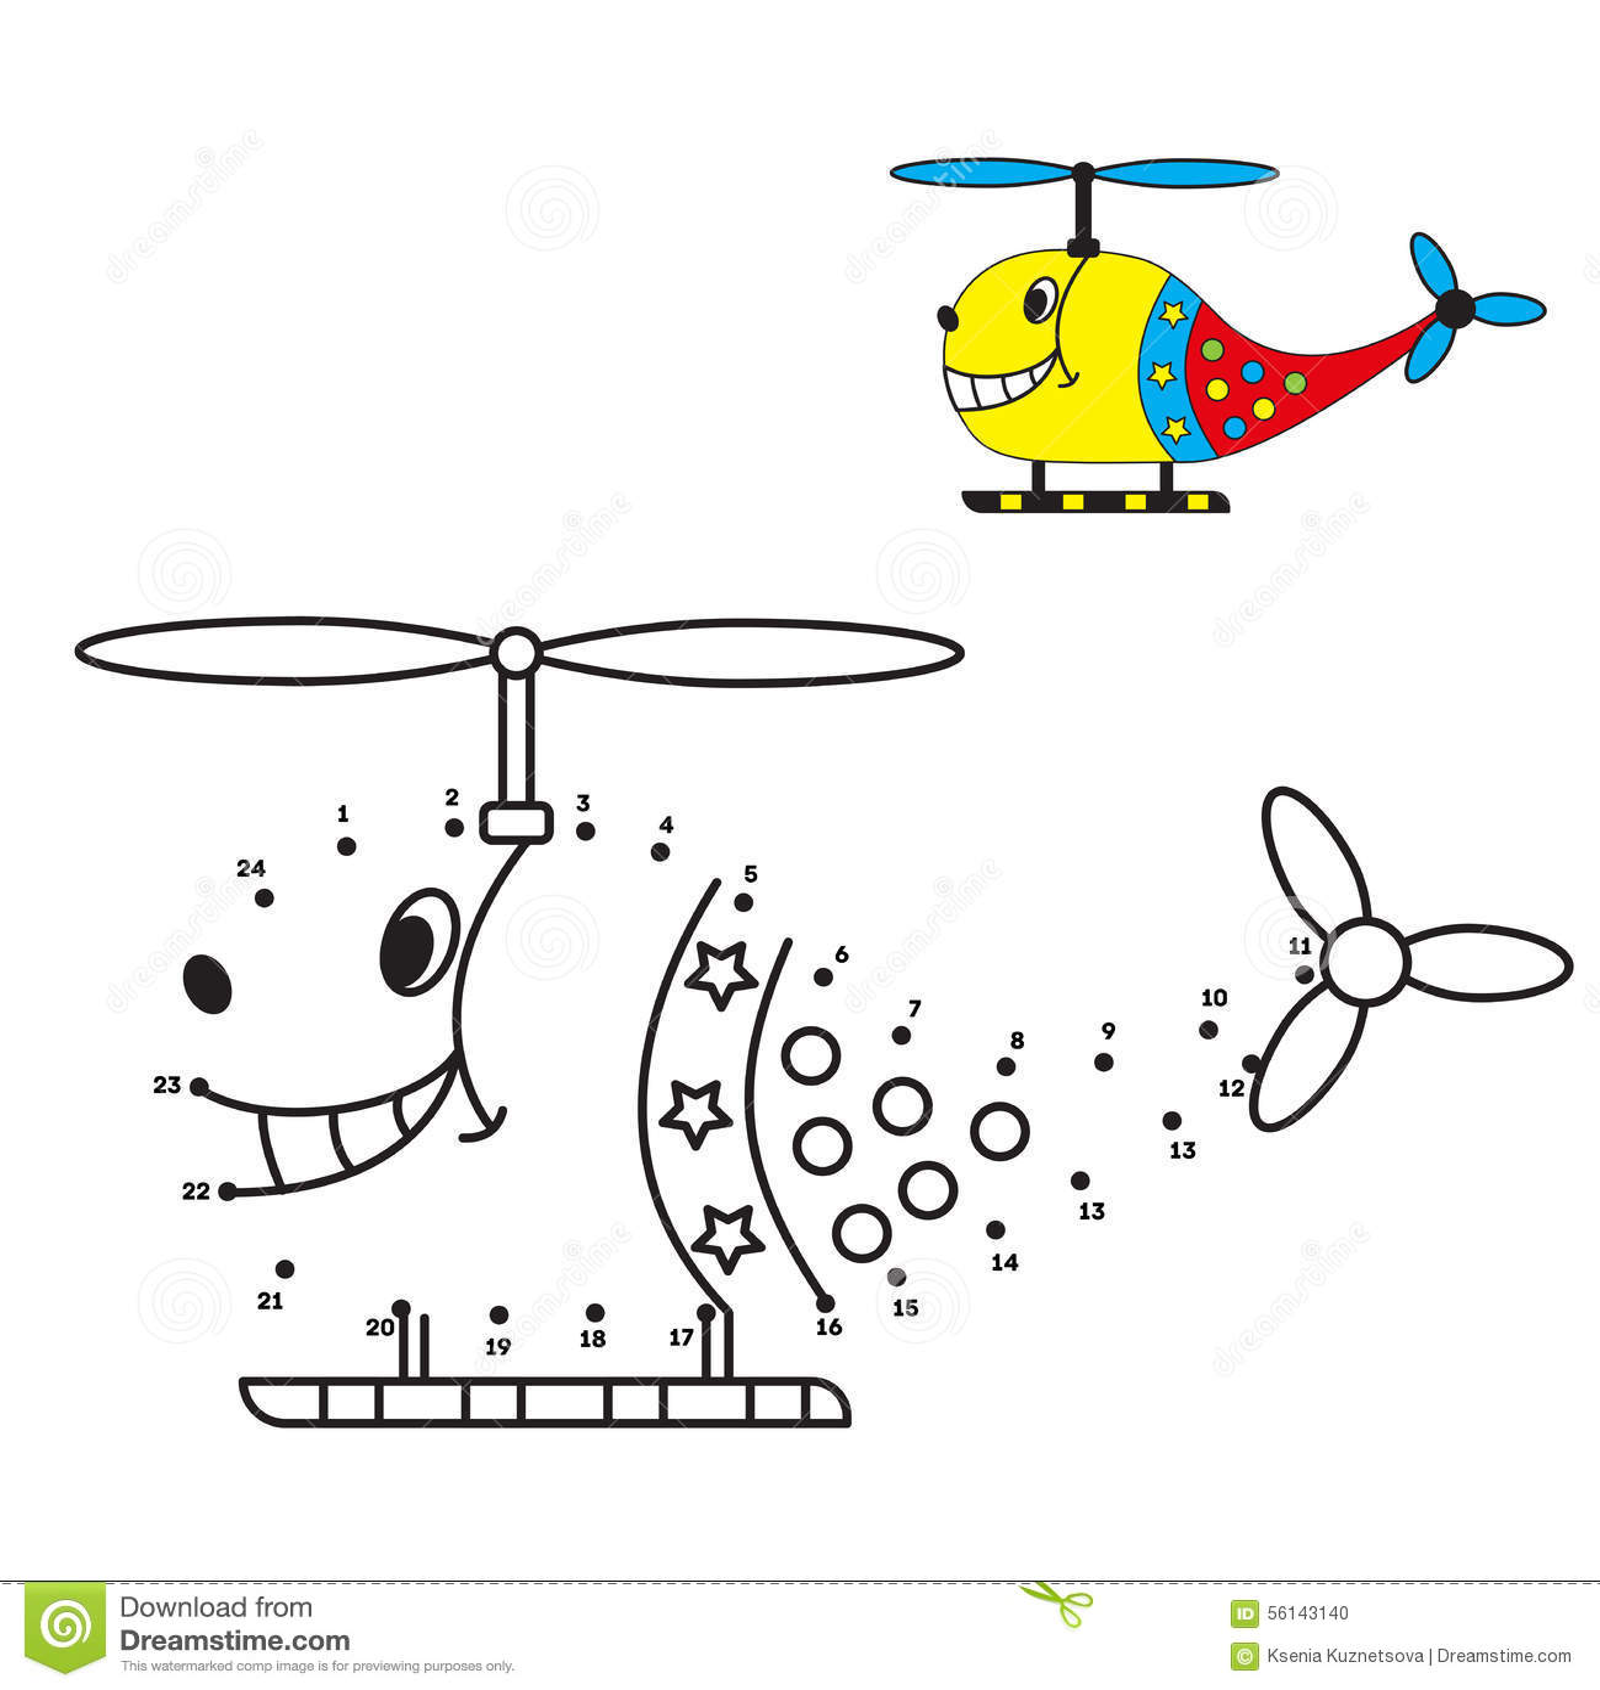 Vistoso Helicóptero Para Colorear Para Imprimir Fotos - Enmarcado ...